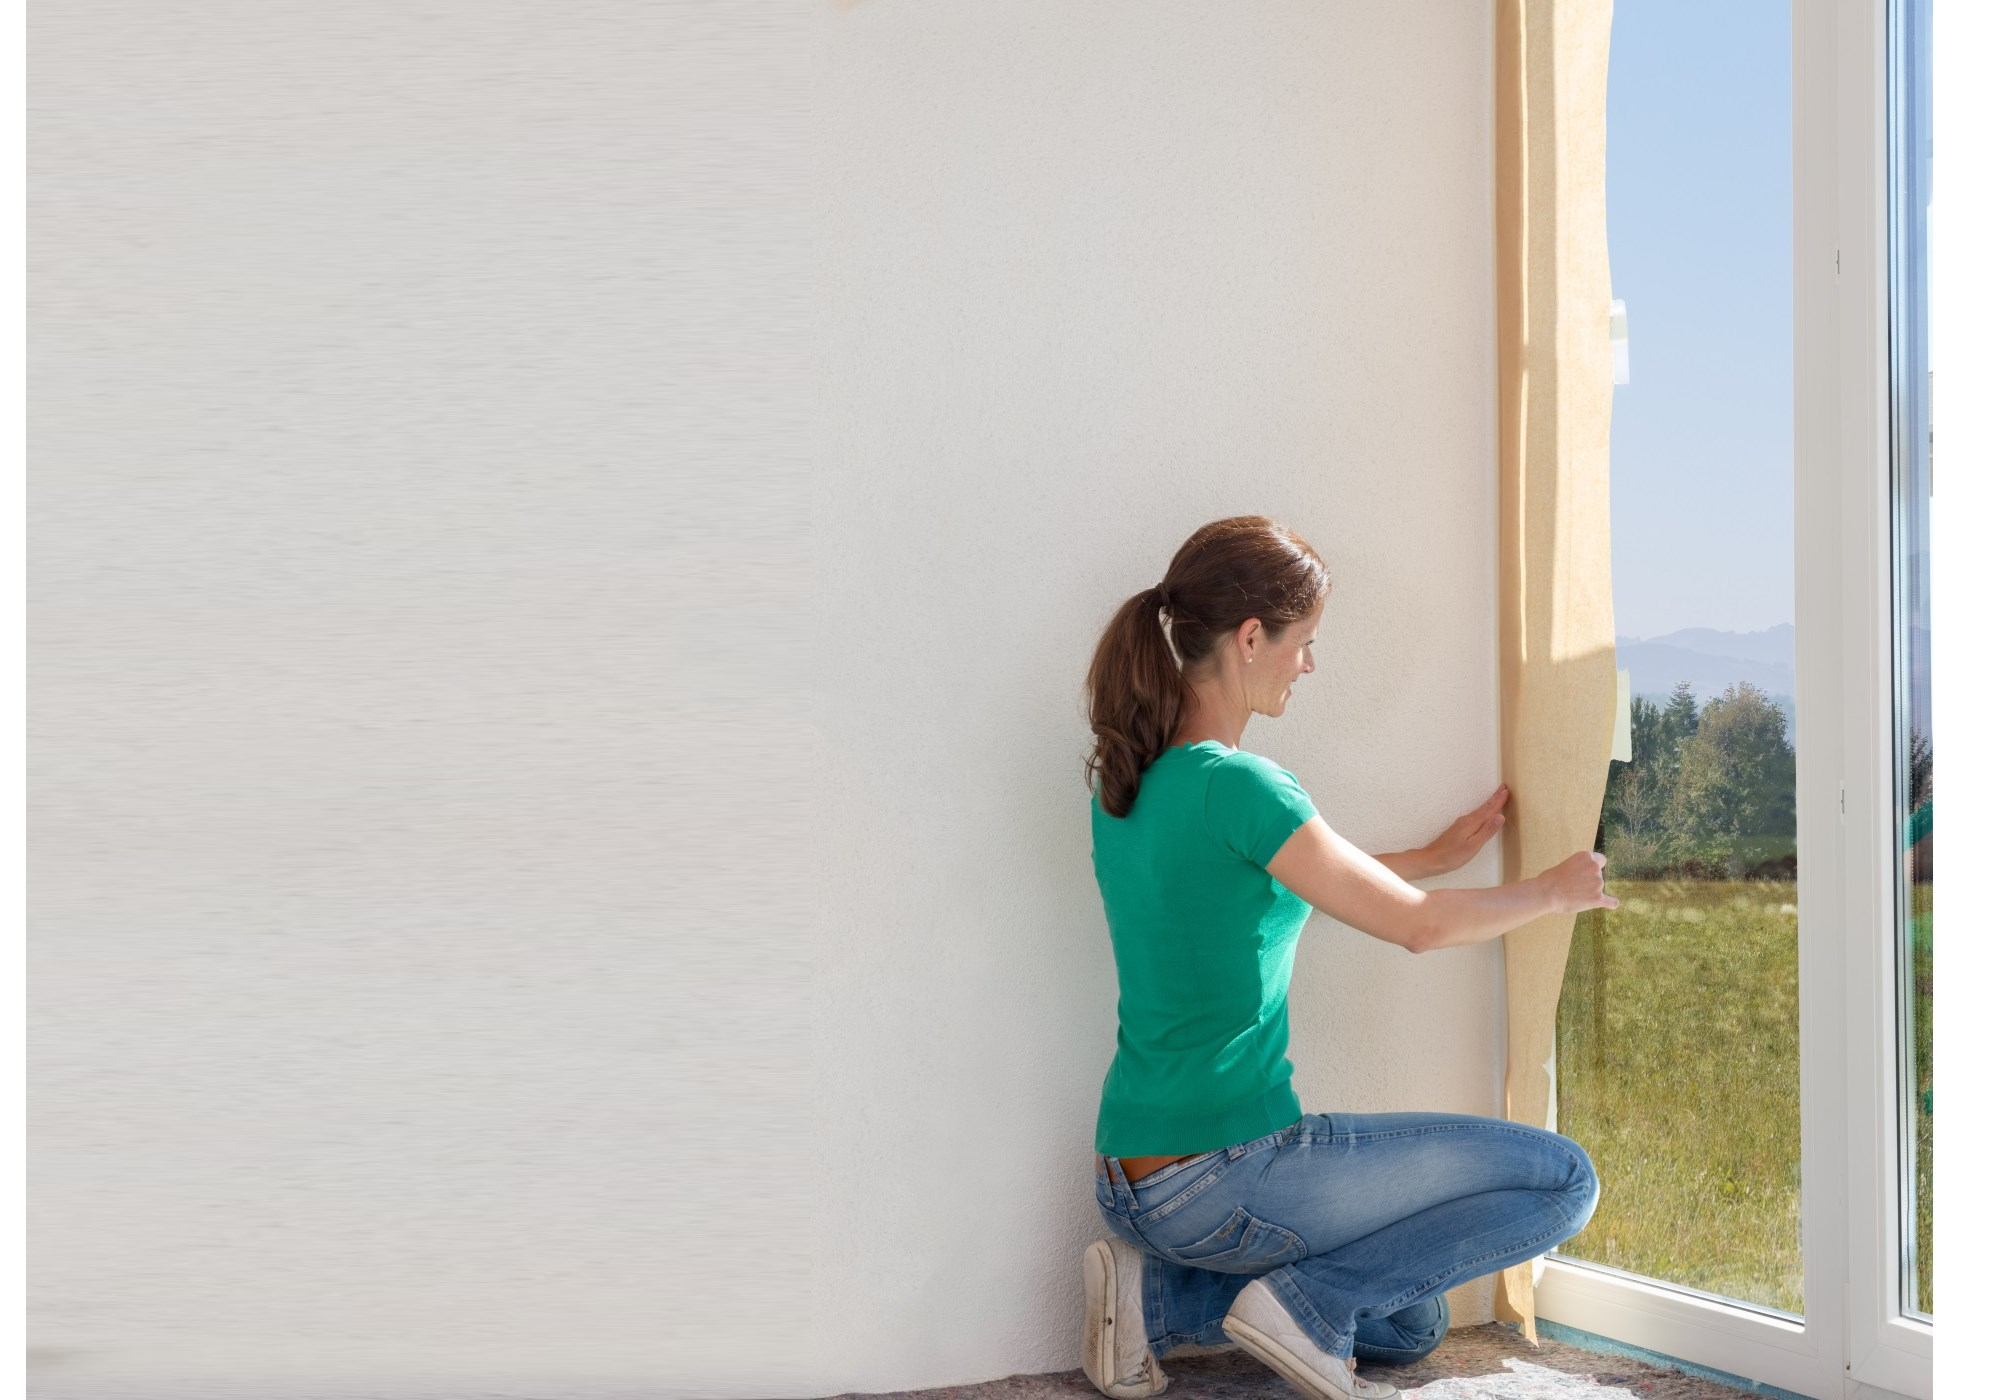 Poradnik - malowanie ścian - przygotowanie powierzchni